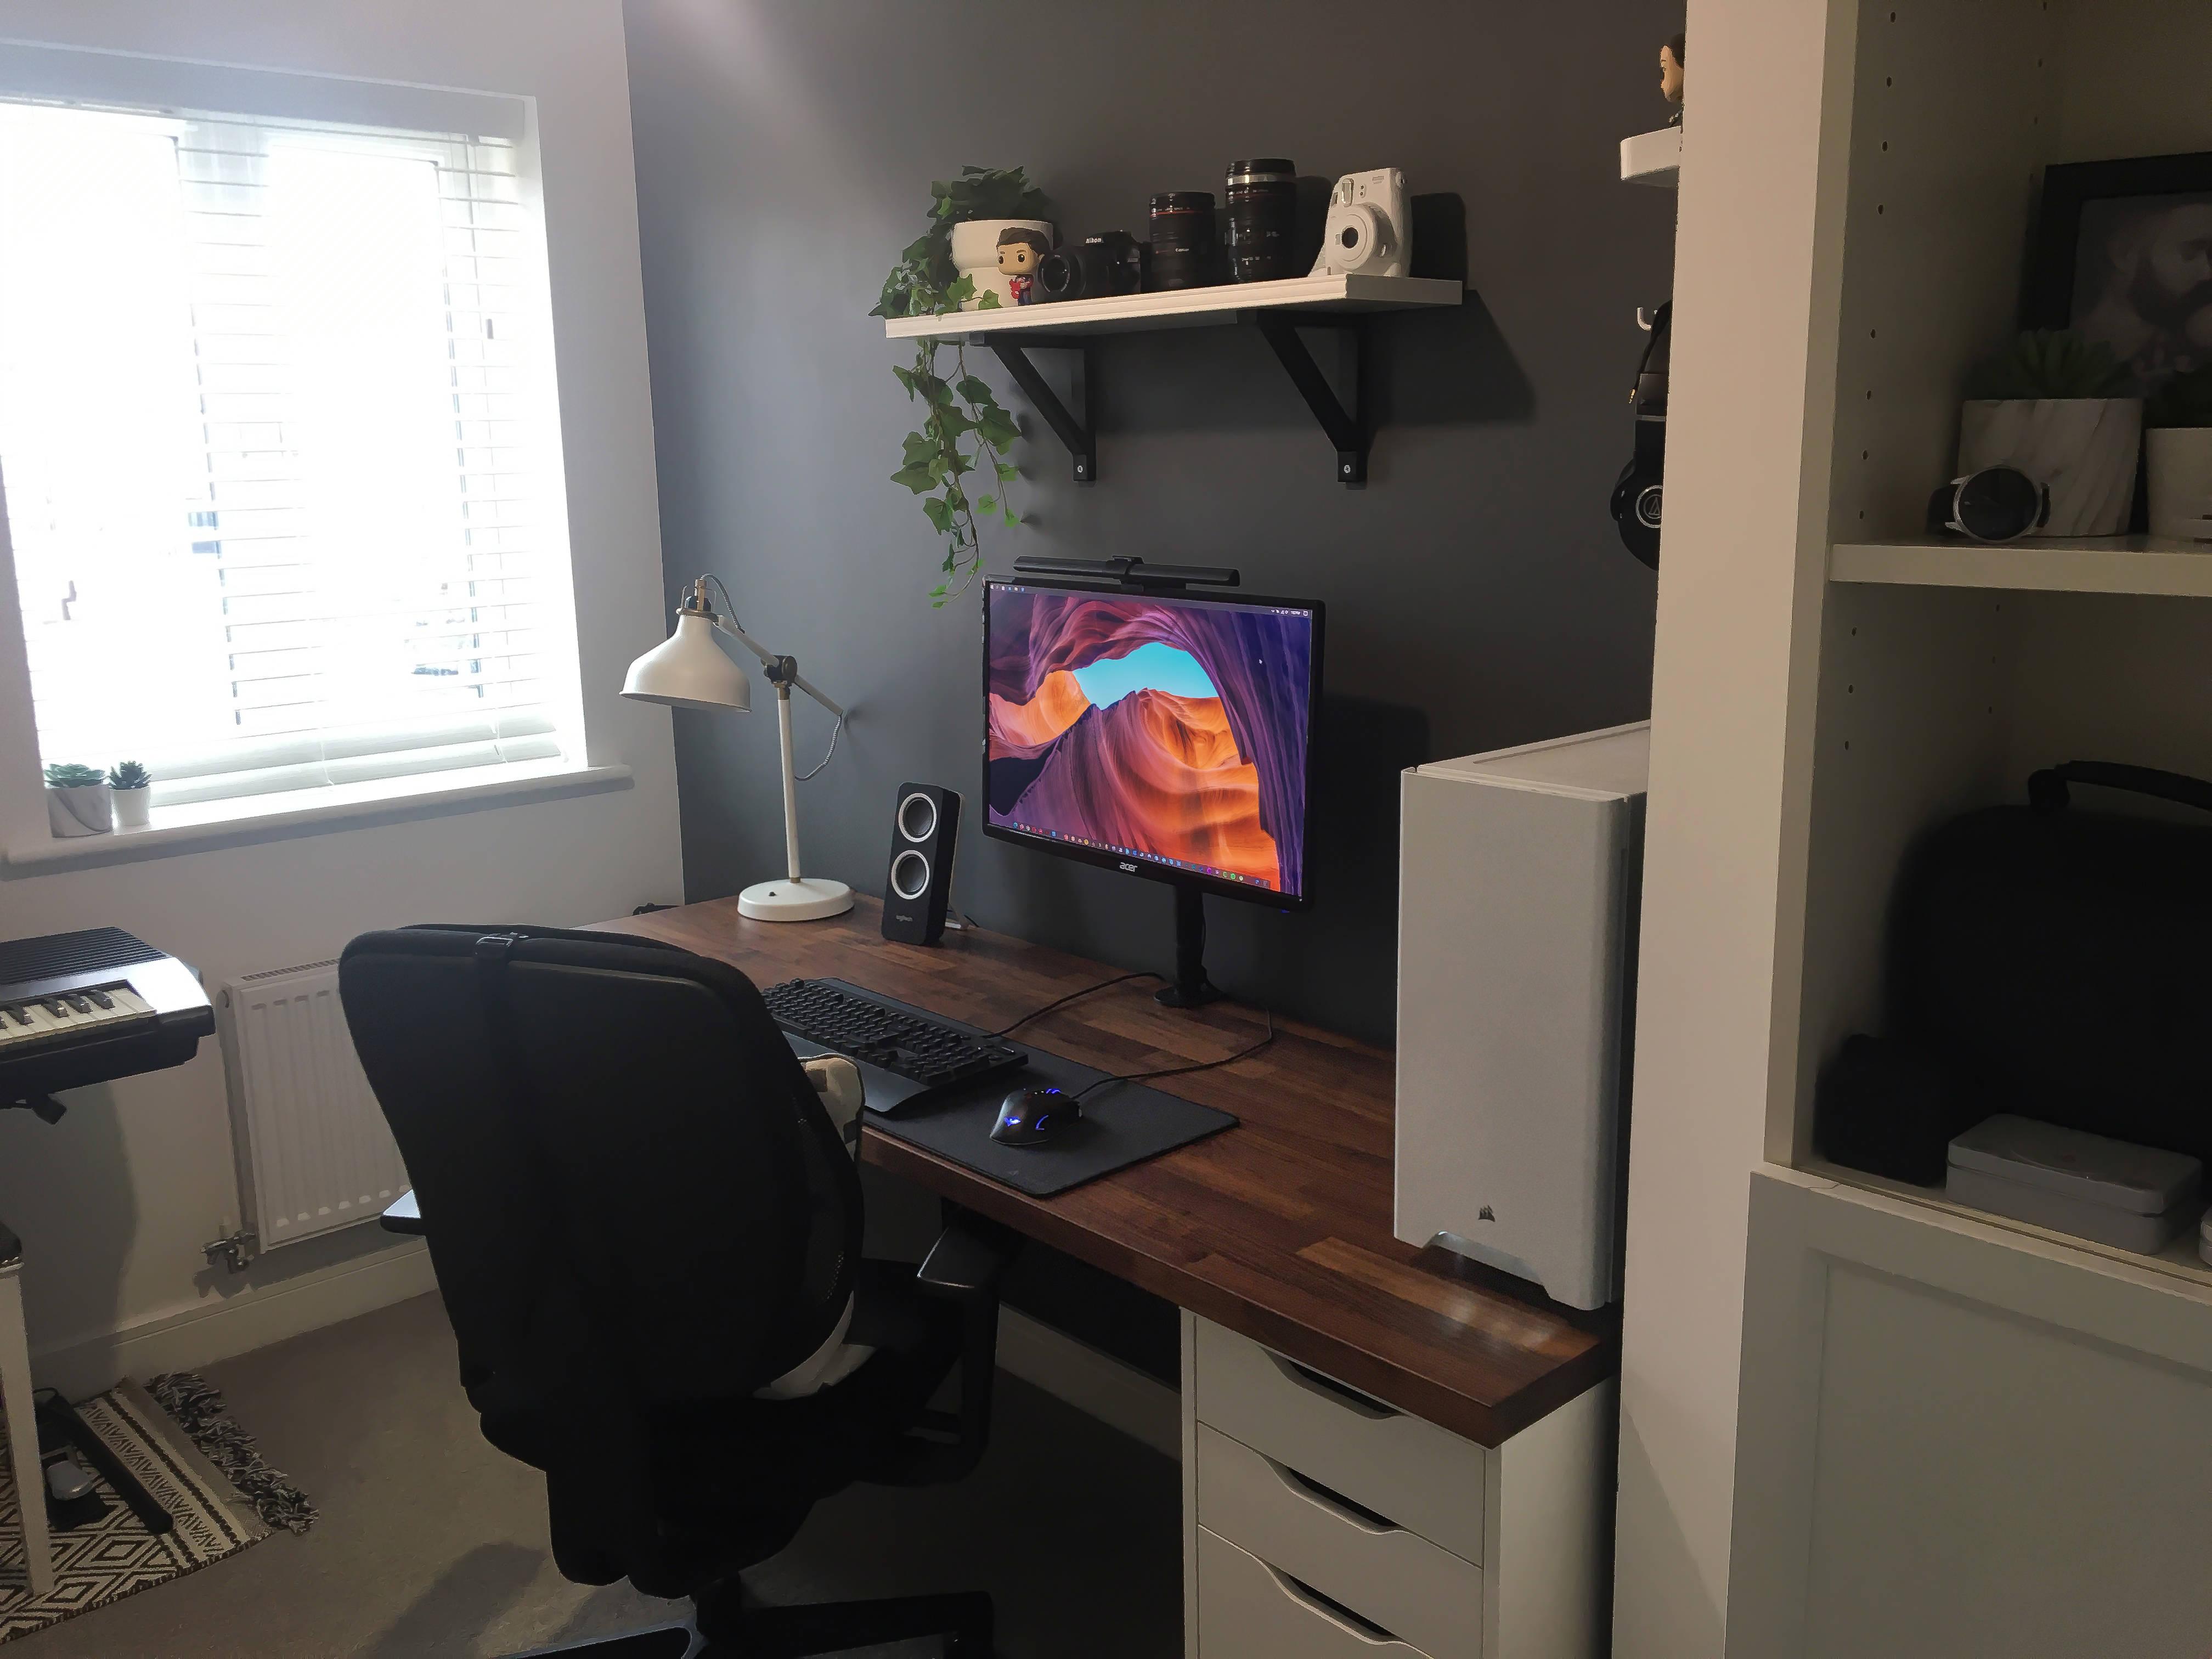 MisterYorkie's Setup - Minimalist Karlby Setup (Updated 2021) | Scooget